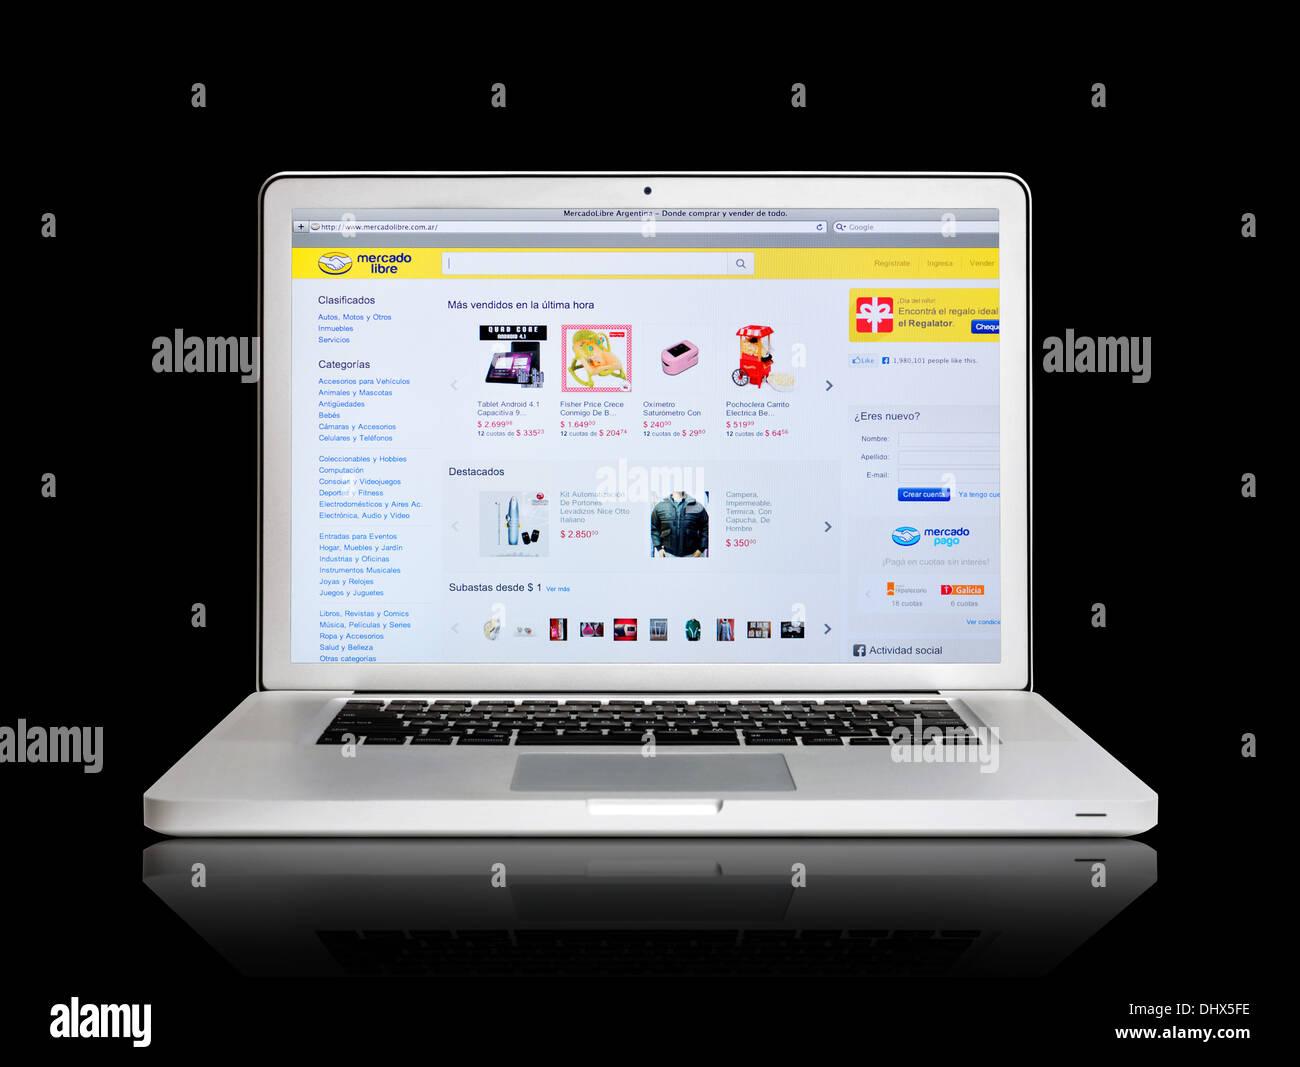 Mercado Libre online shopping website on laptop screen - Stock Image